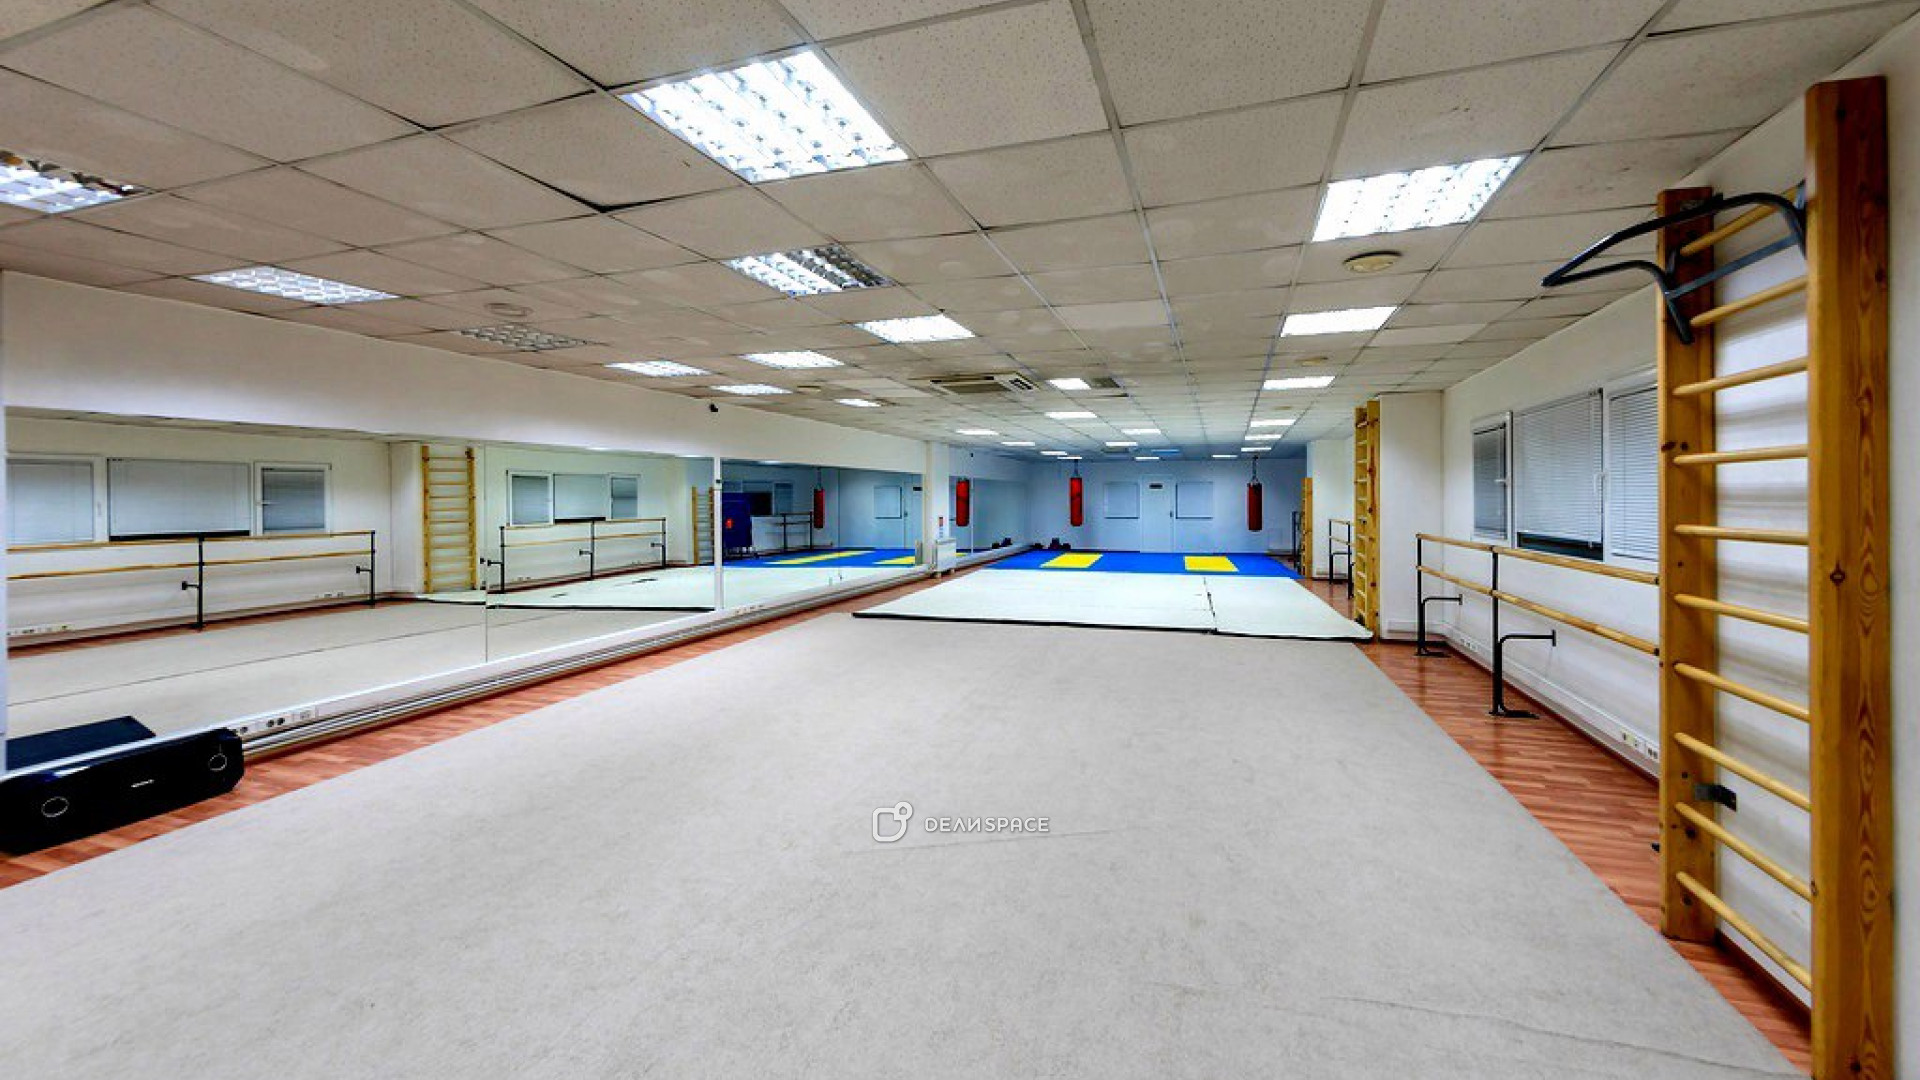 Зал для фитнеса и танцев - фото №3